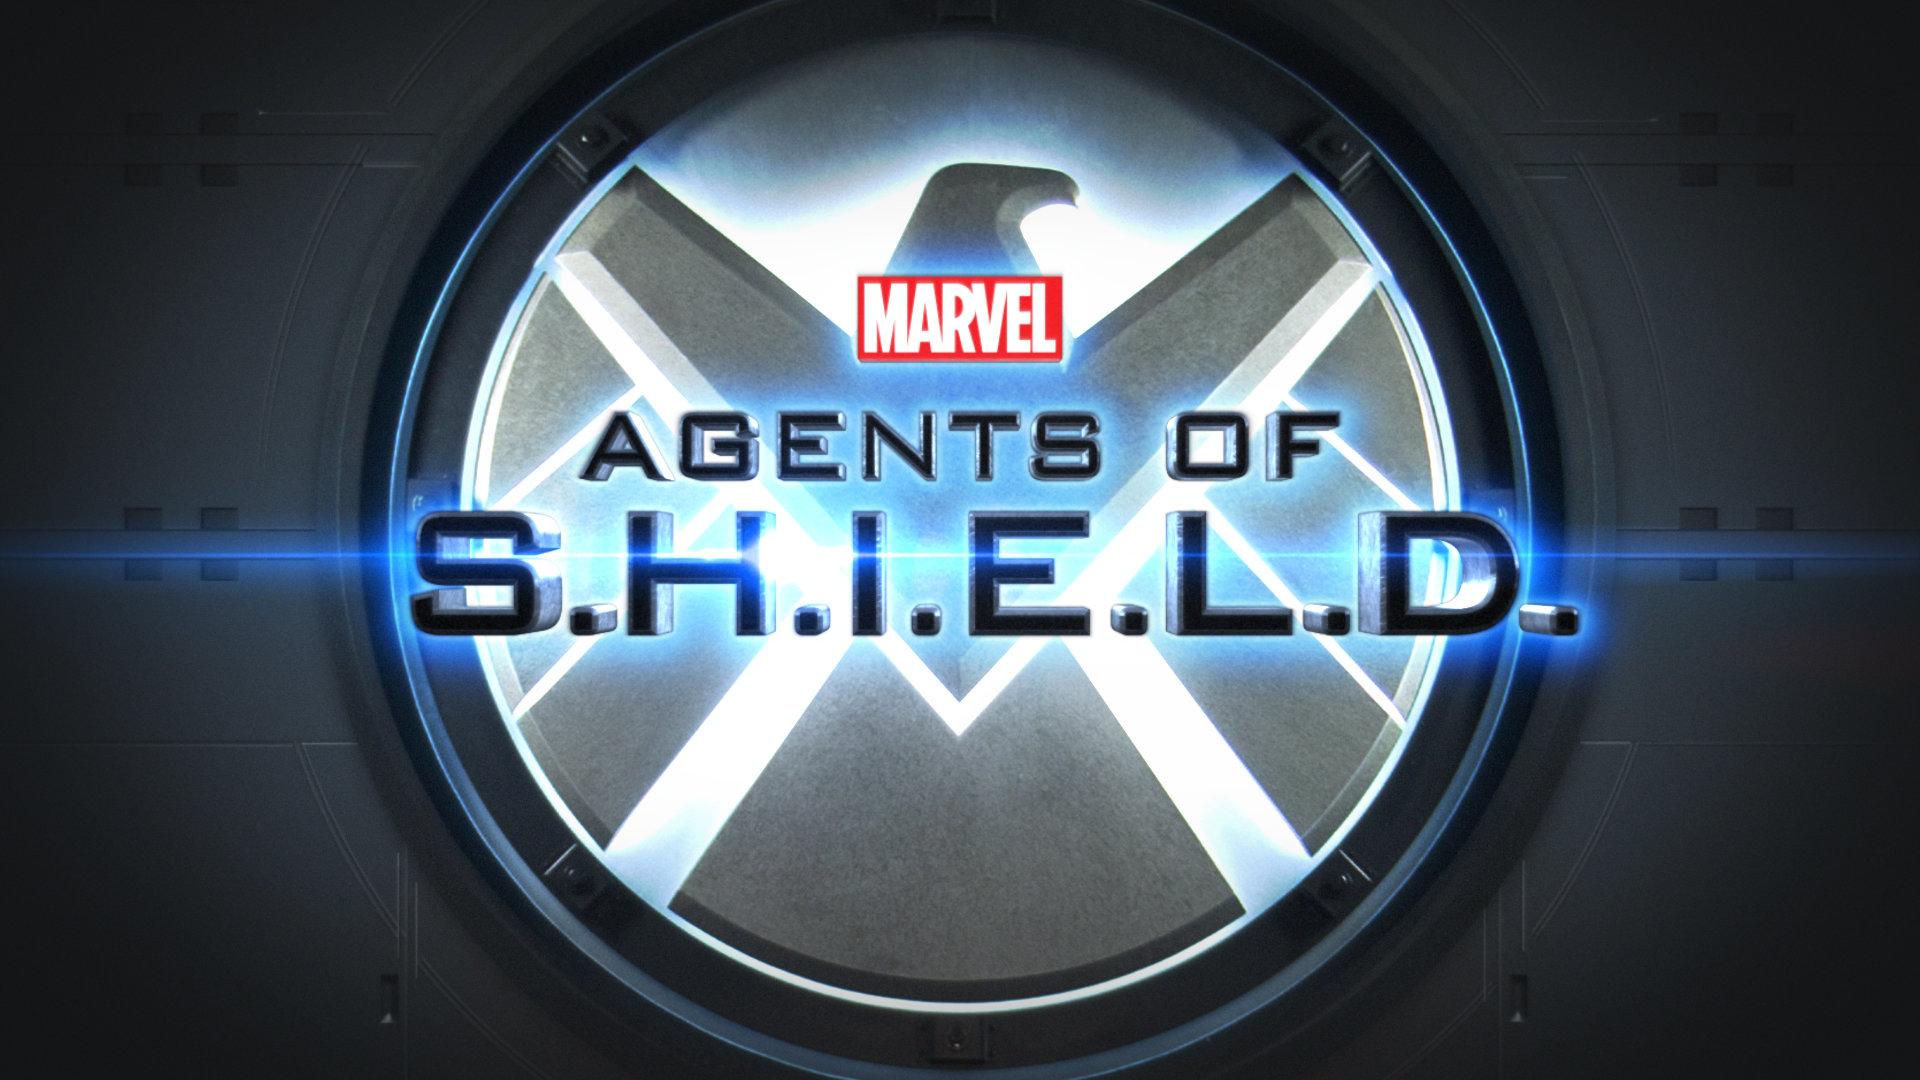 agentsofsheild